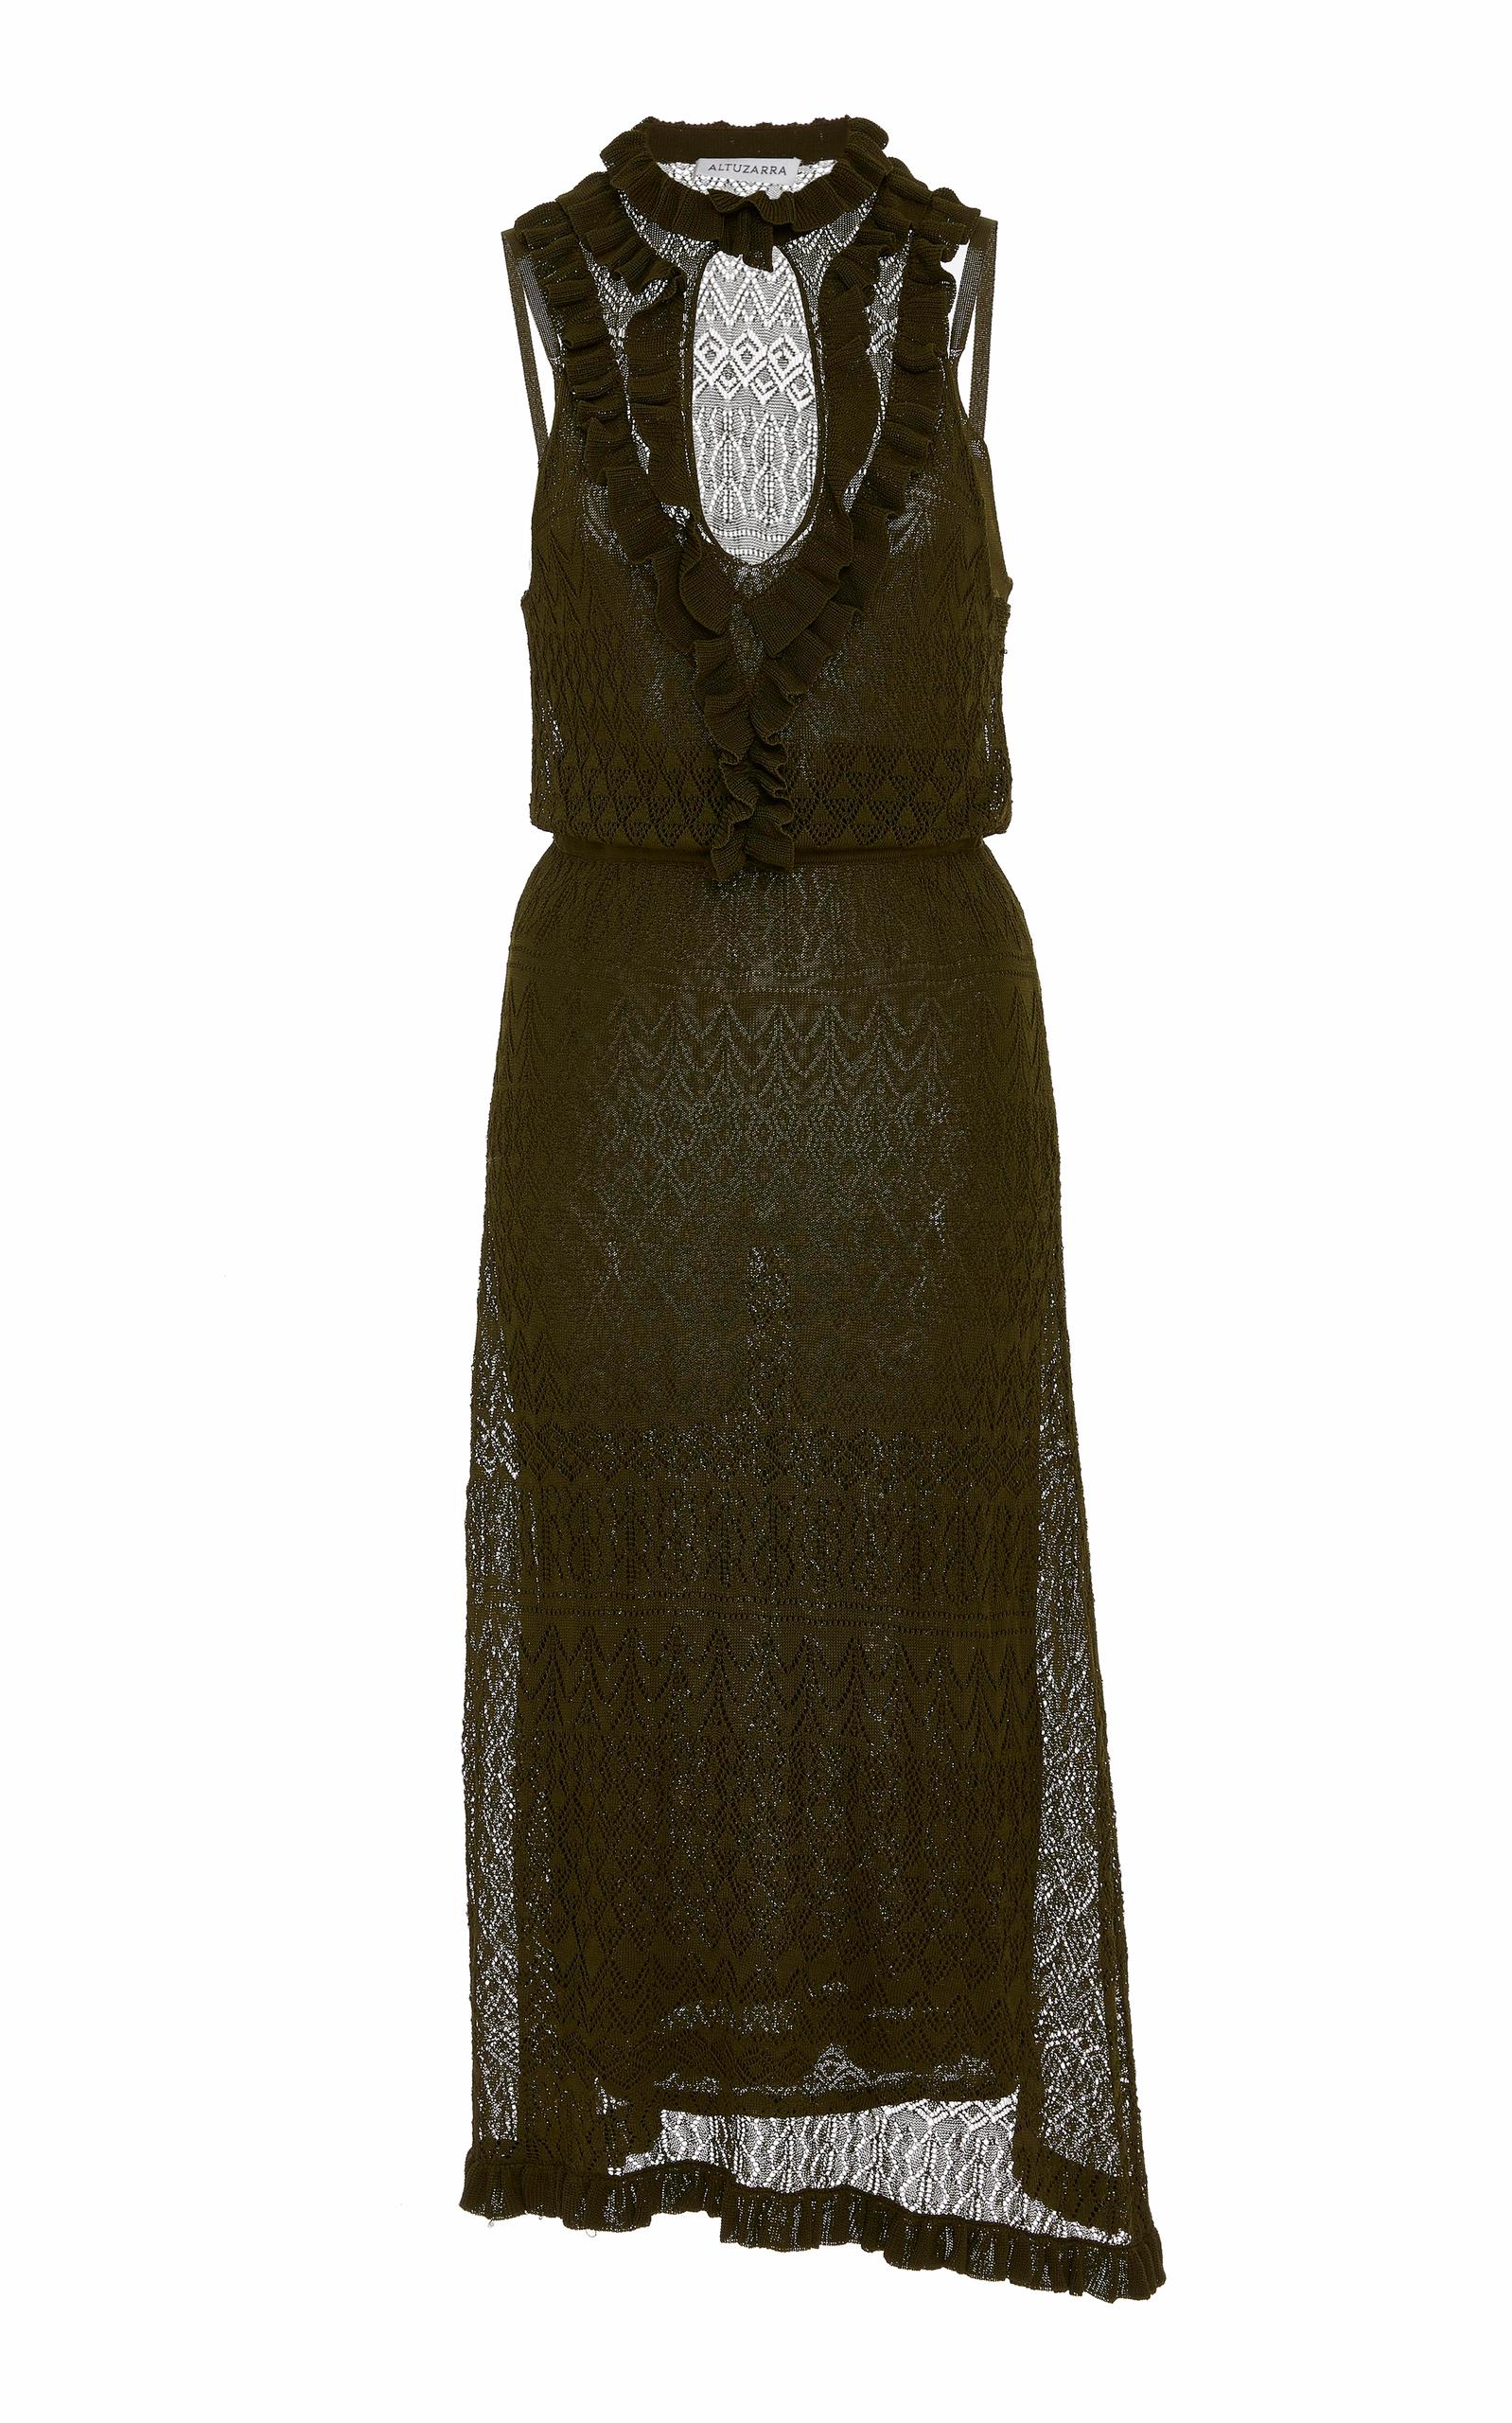 100% Original Cheap Price Butterfield knit dress Altuzarra Wide Range Of Online Visa Payment Online Cool Shopping GhGoufrTM